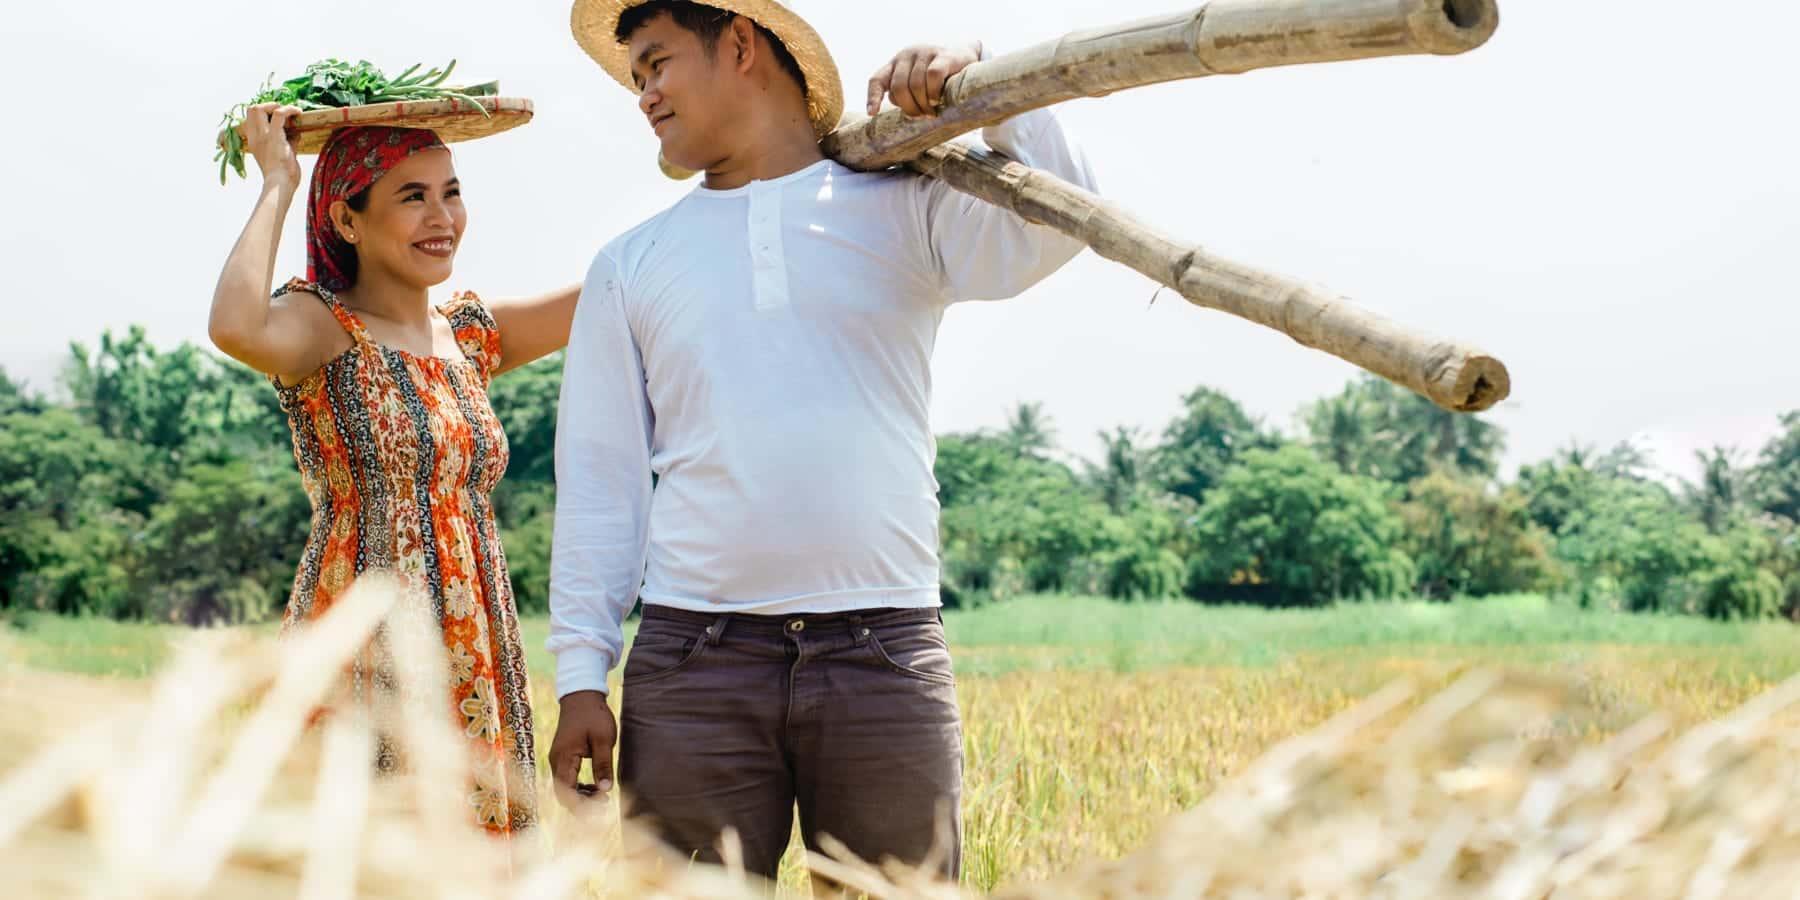 リジェネラティブ農業に取り組む農家が、カーボンクレジットを販売できるサイト